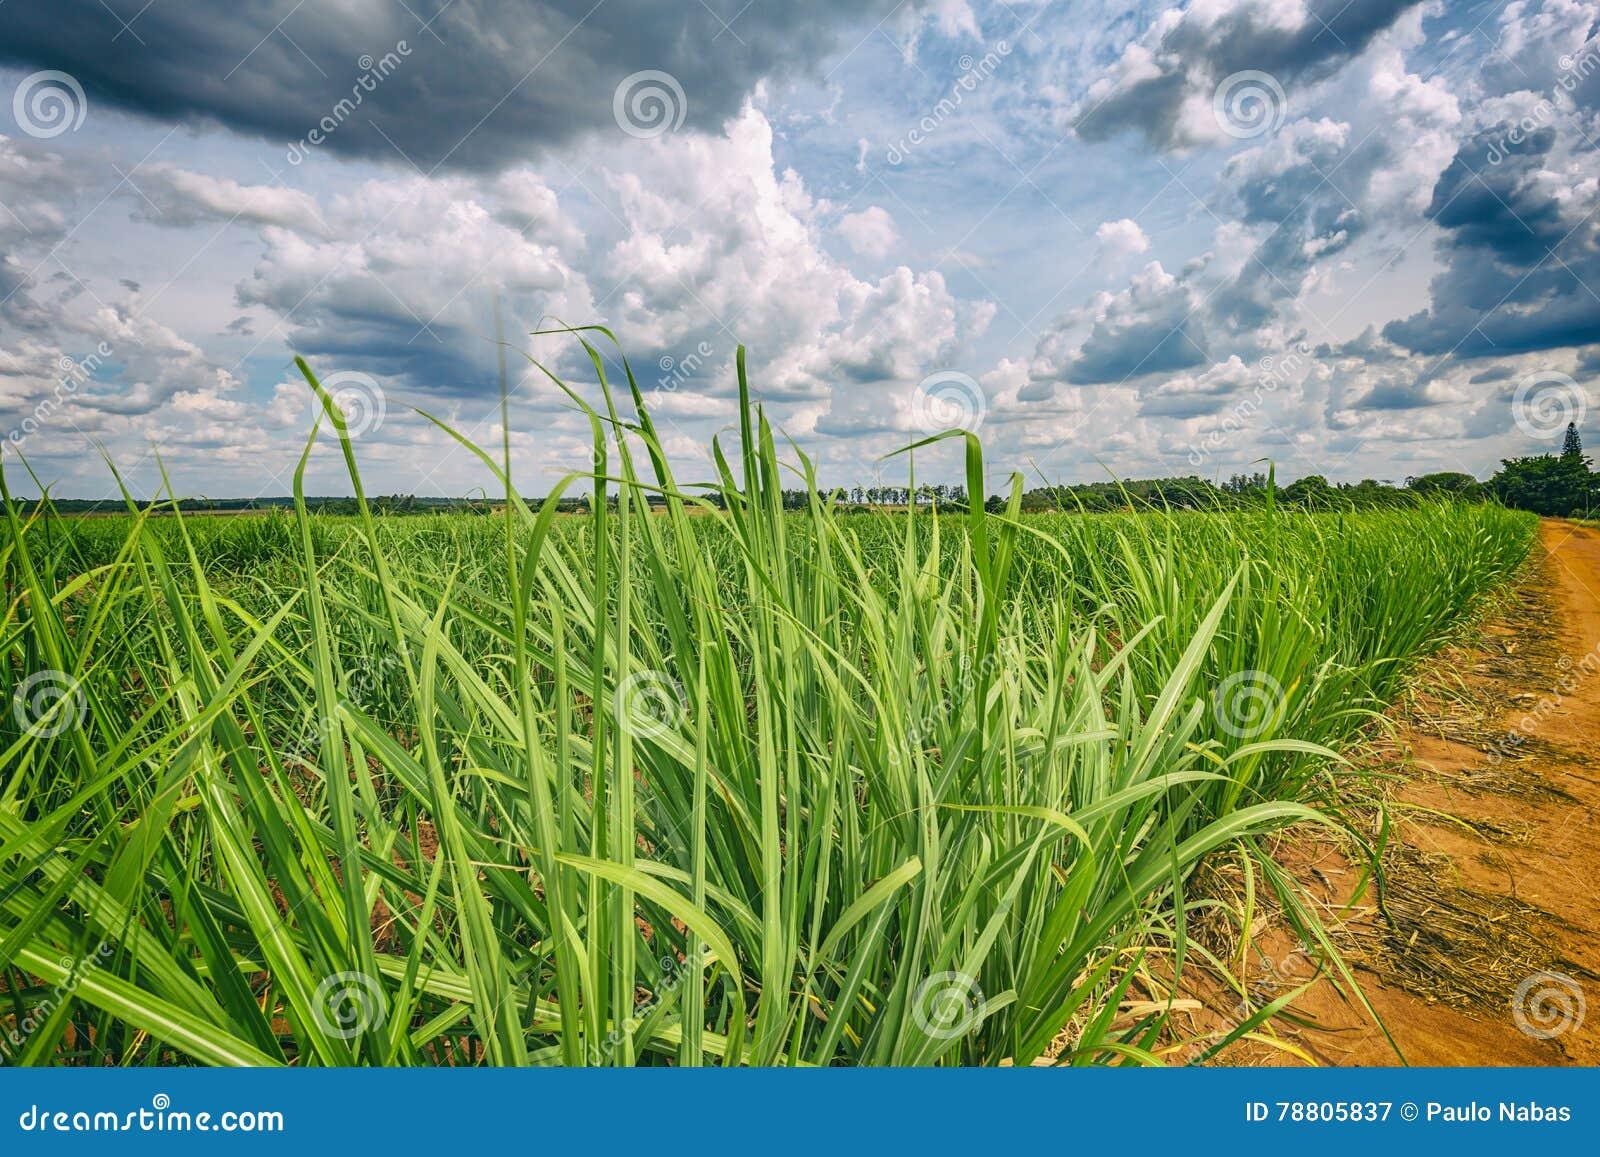 Plantação do cana-de-açúcar e céu nebuloso - coutryside de Brasil